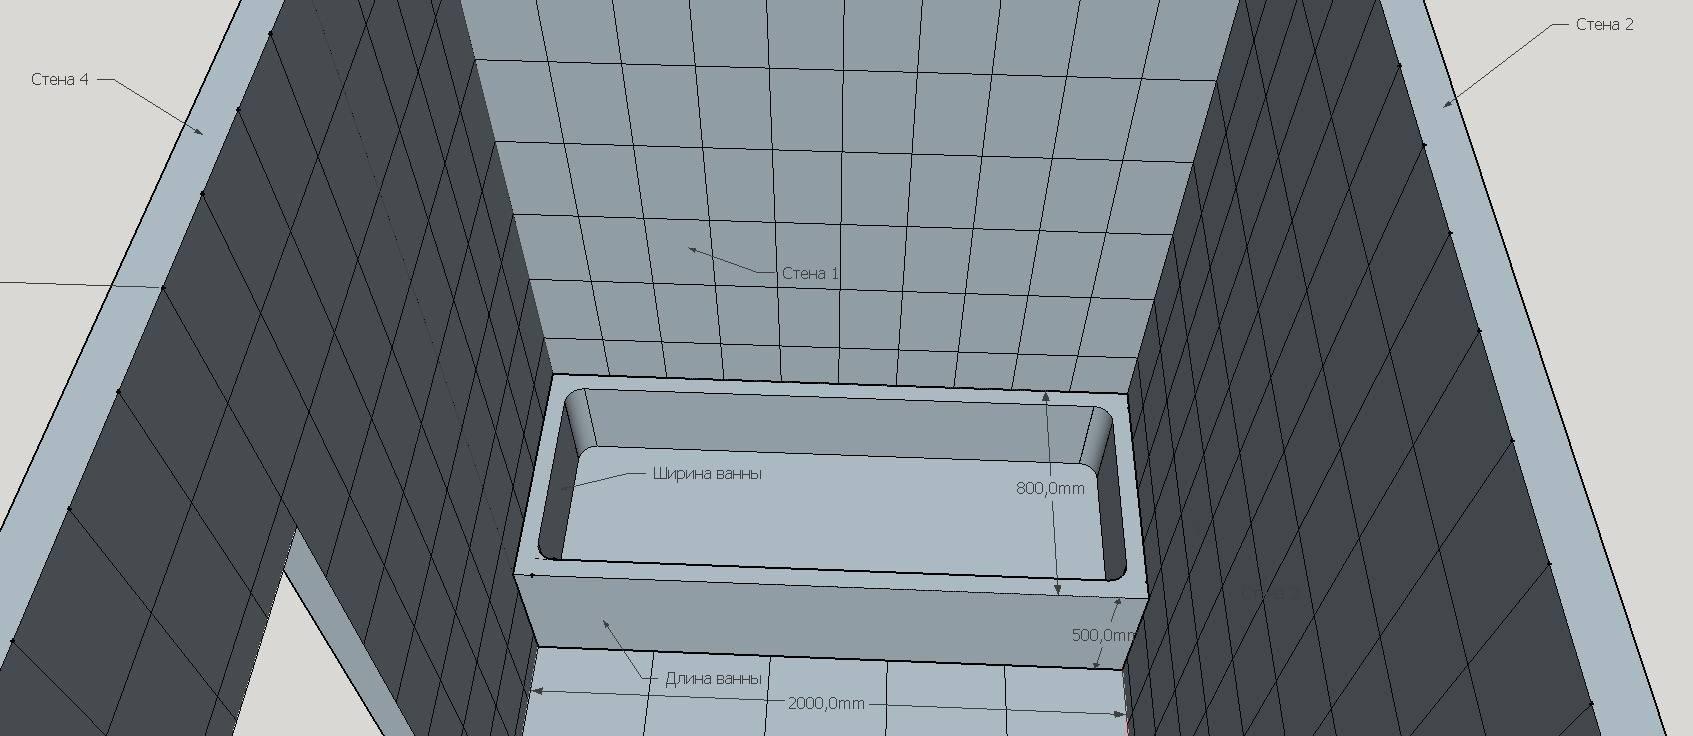 Расчет количества плитки в ванную комнату